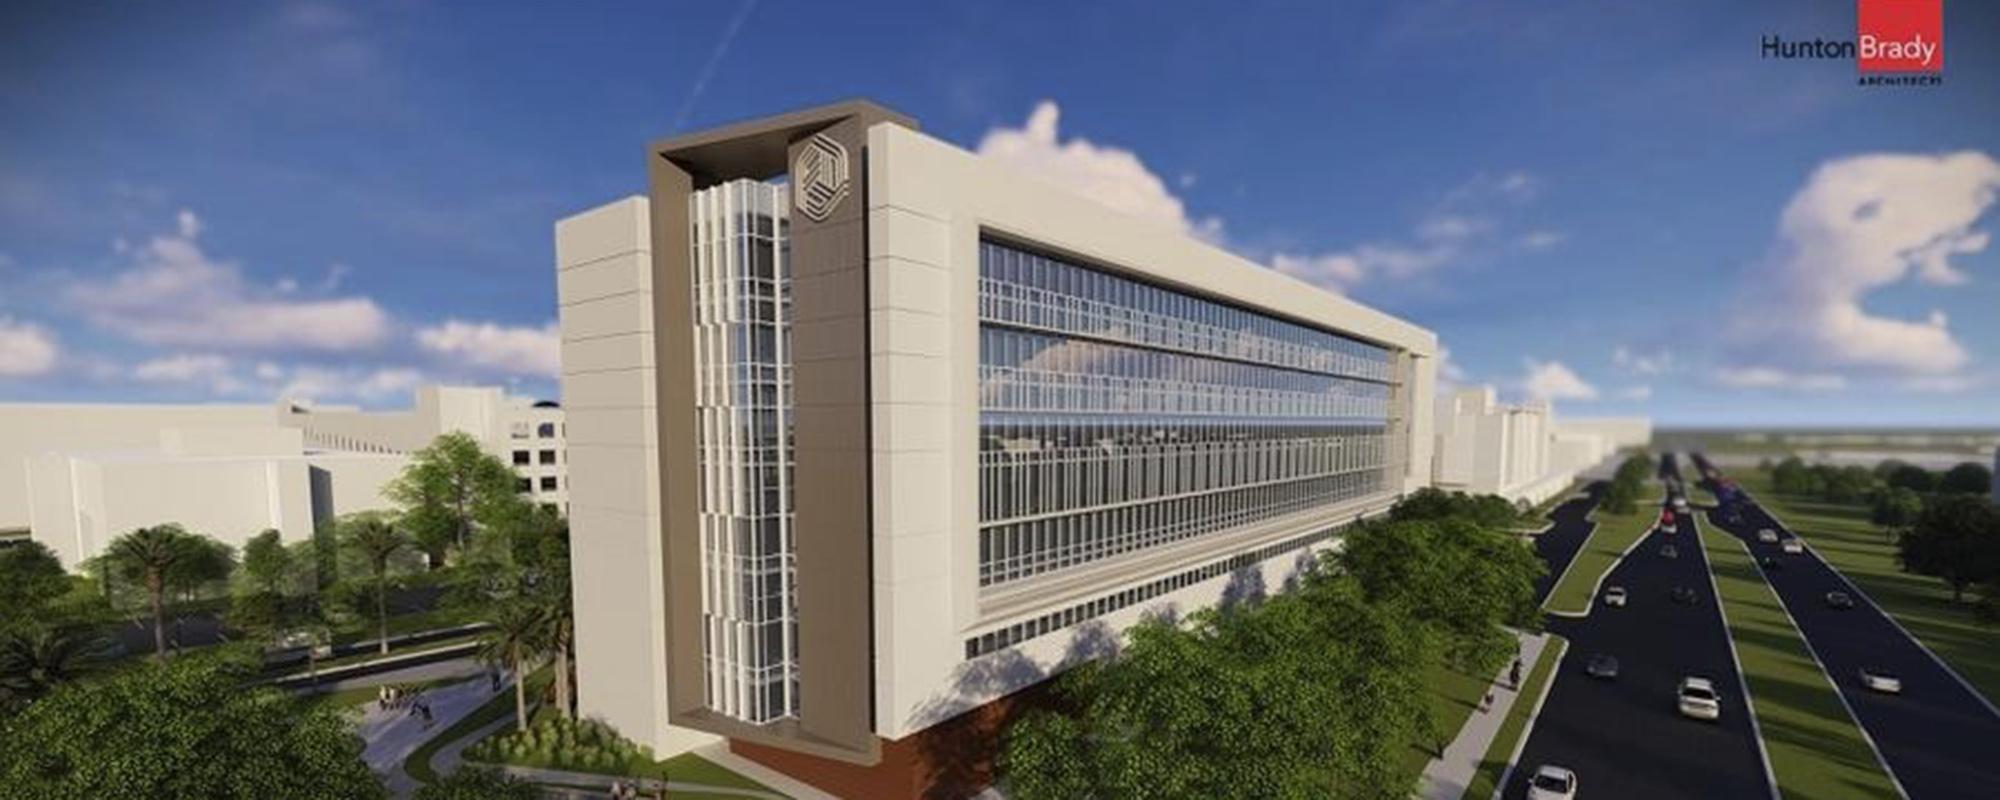 hospital rendering